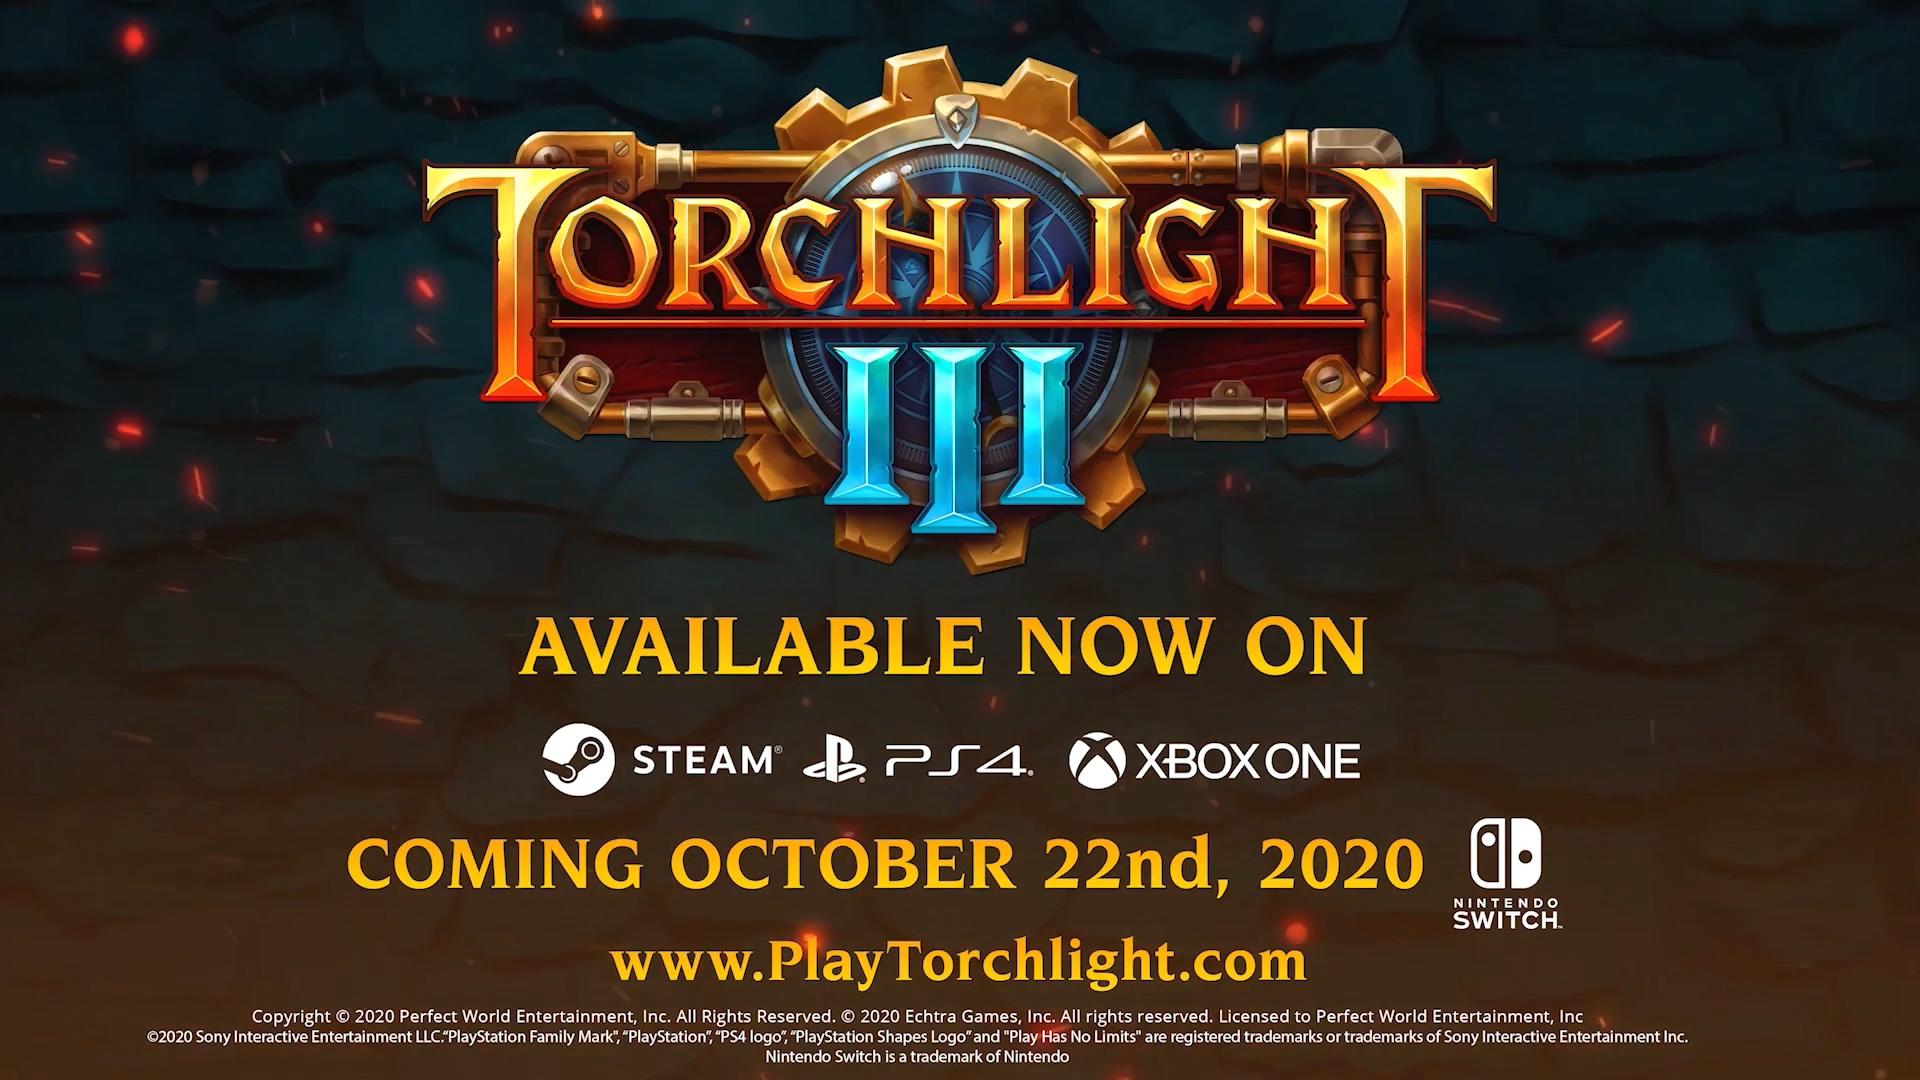 《火炬之光3》正式版今日上线 NS版10月22日发售